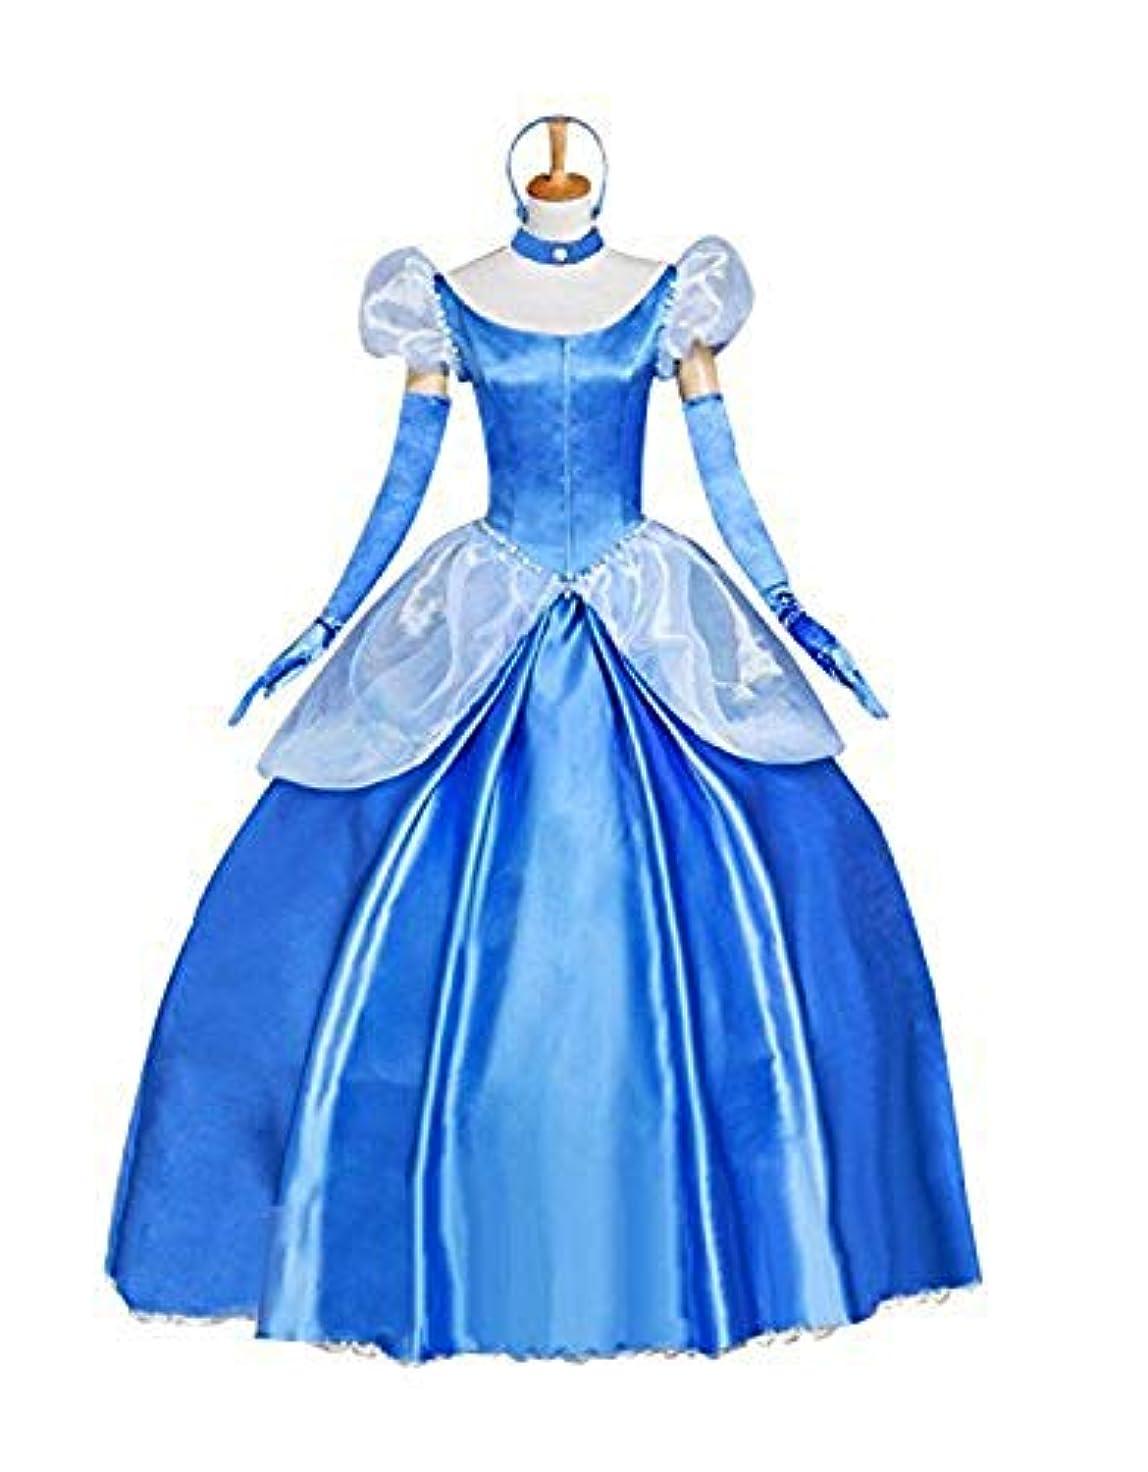 破壊石鹸ところでシンデレラ 童話 コスプレ 衣装 セット 舞踏会 ワンピース 魔法のドレス パニエ付き レディース (M)